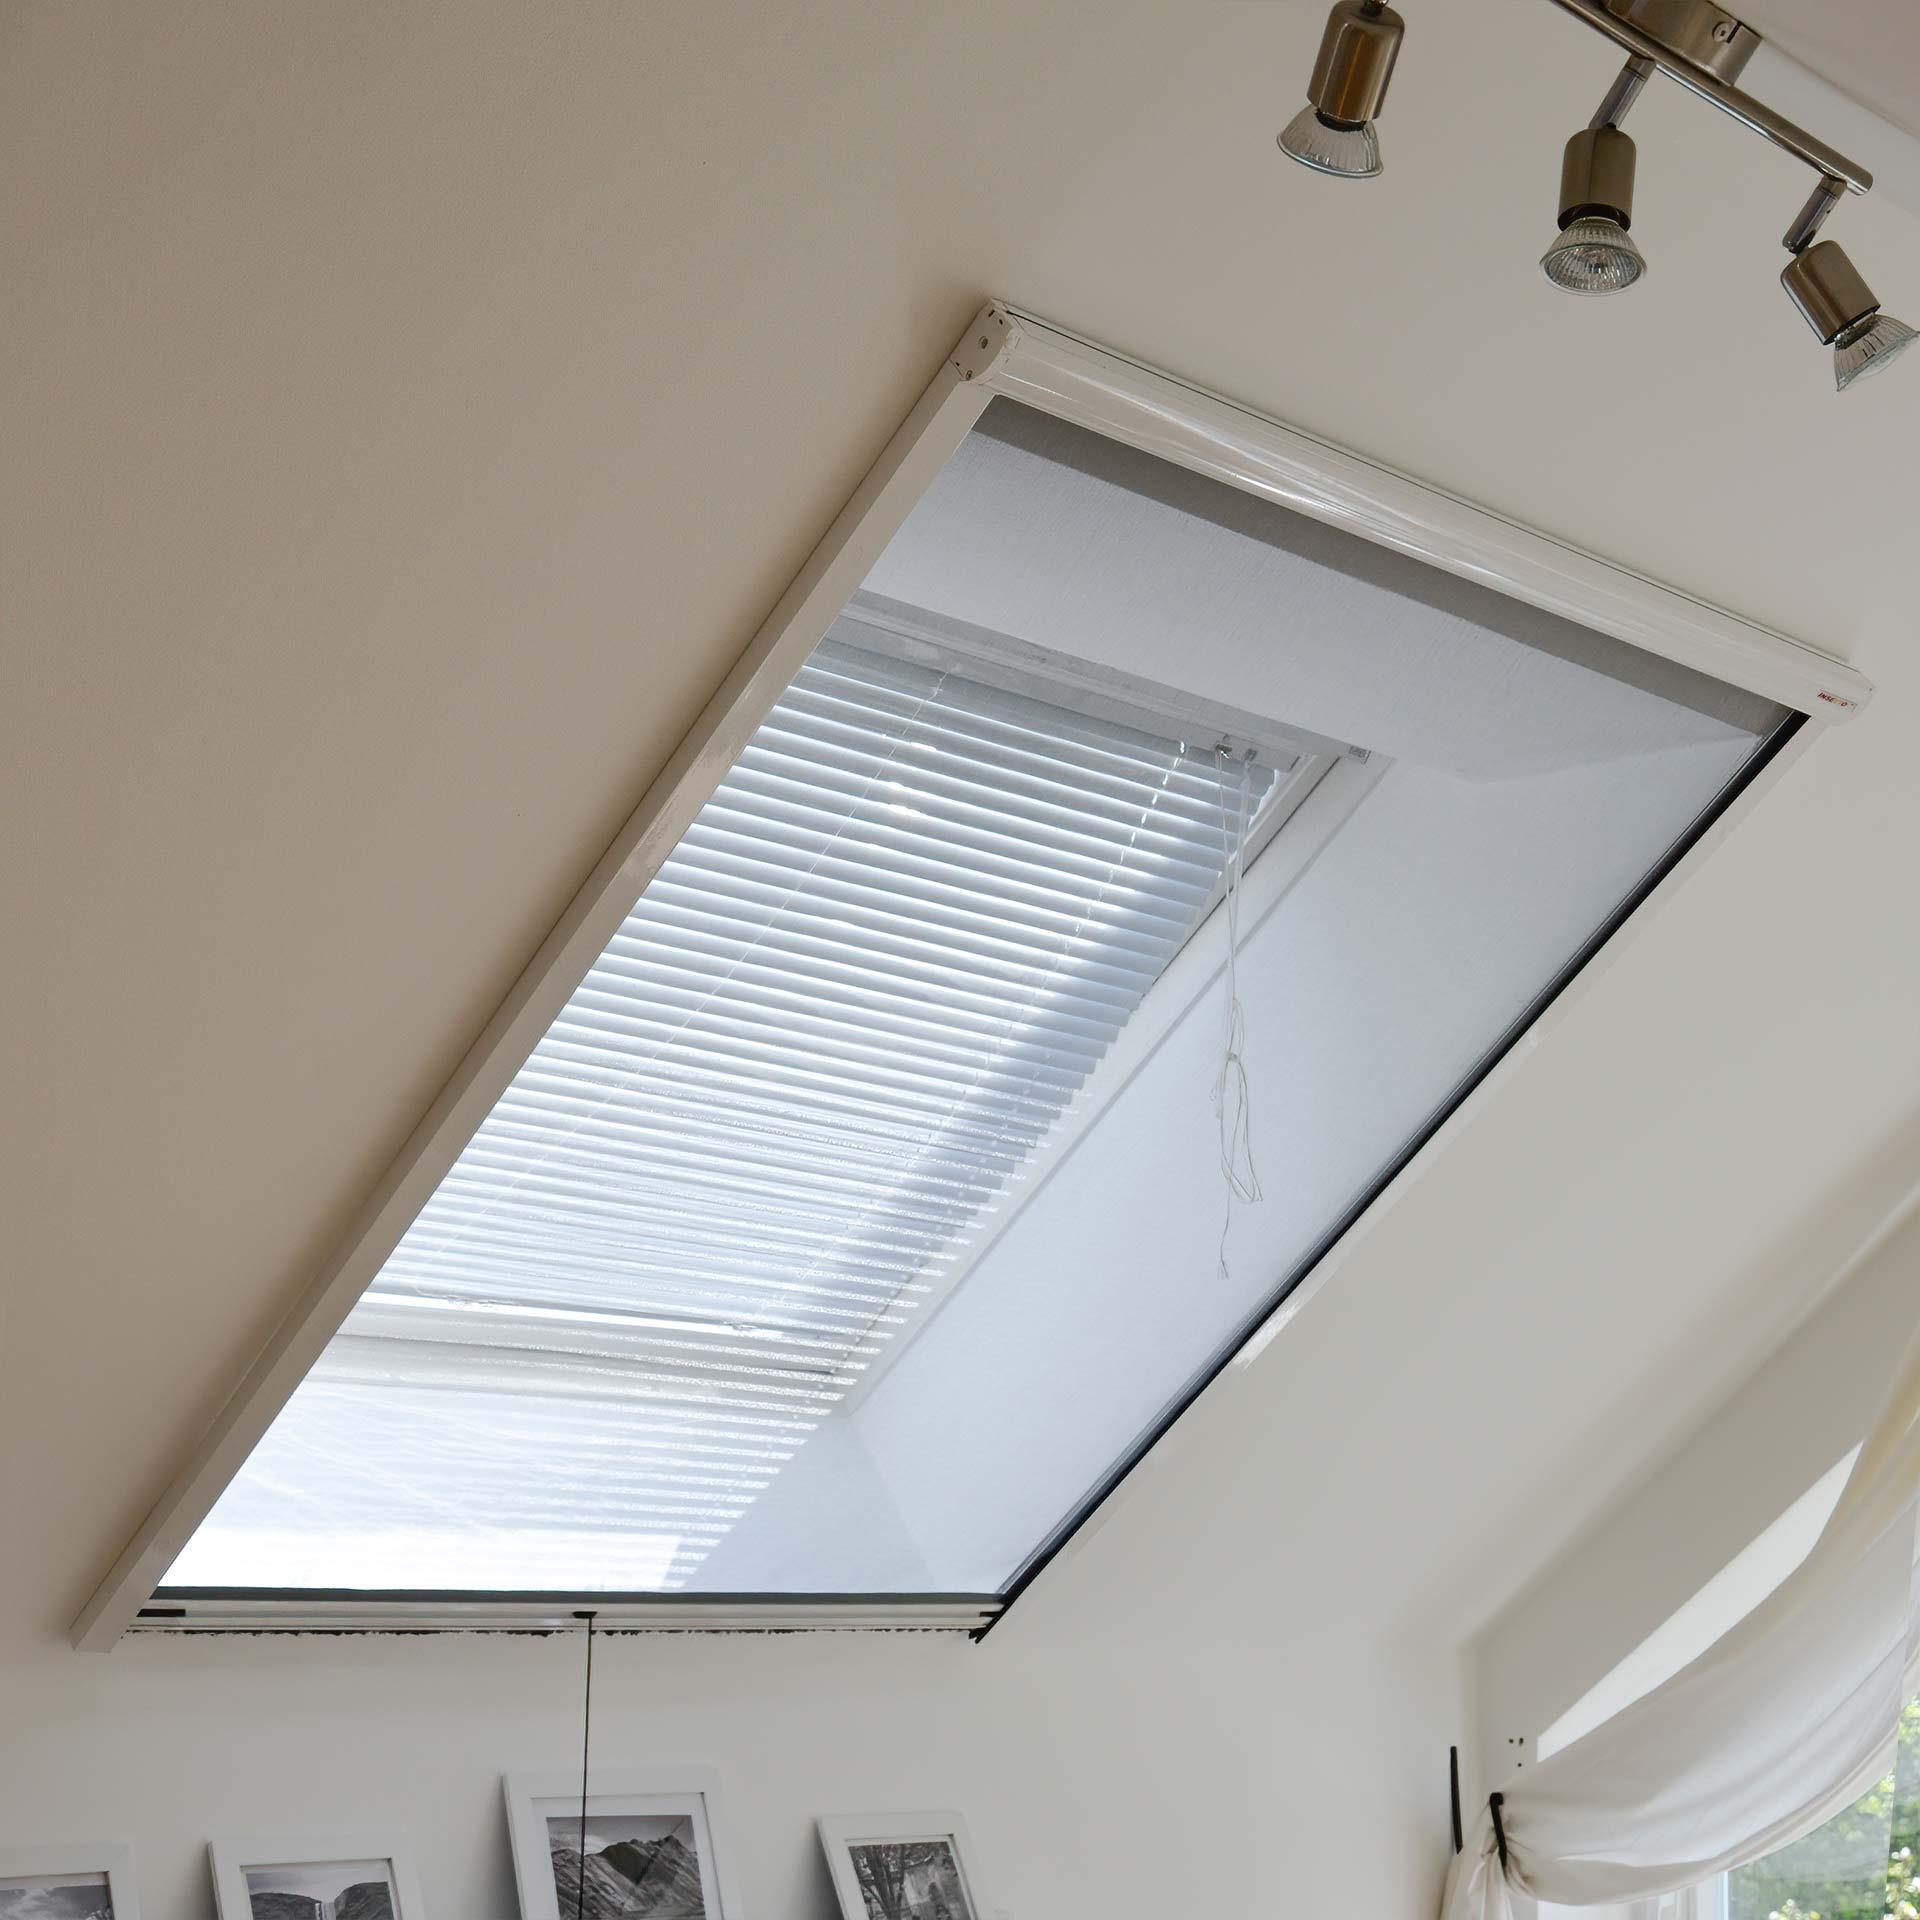 Dachfenster-Insektenschutzrollo mit regulierbarer Feder | Topline